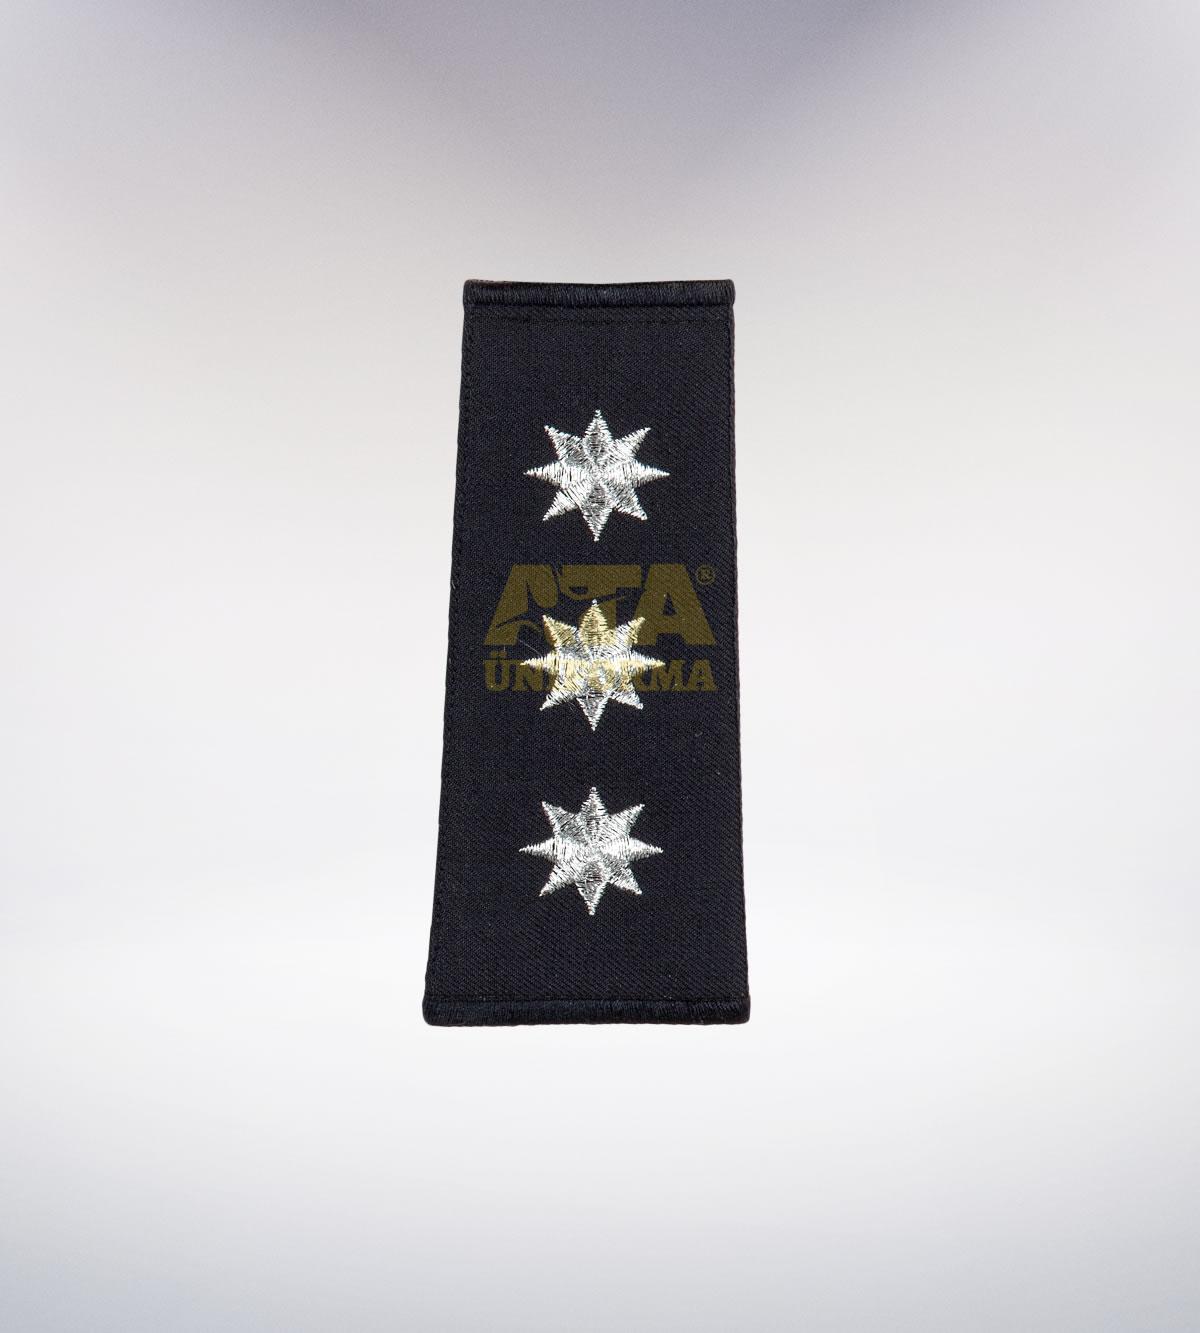 ATA-1001 Polis nakışlı apolet - polis elbiseleri | polis üniformaları | polis kıyafetleri